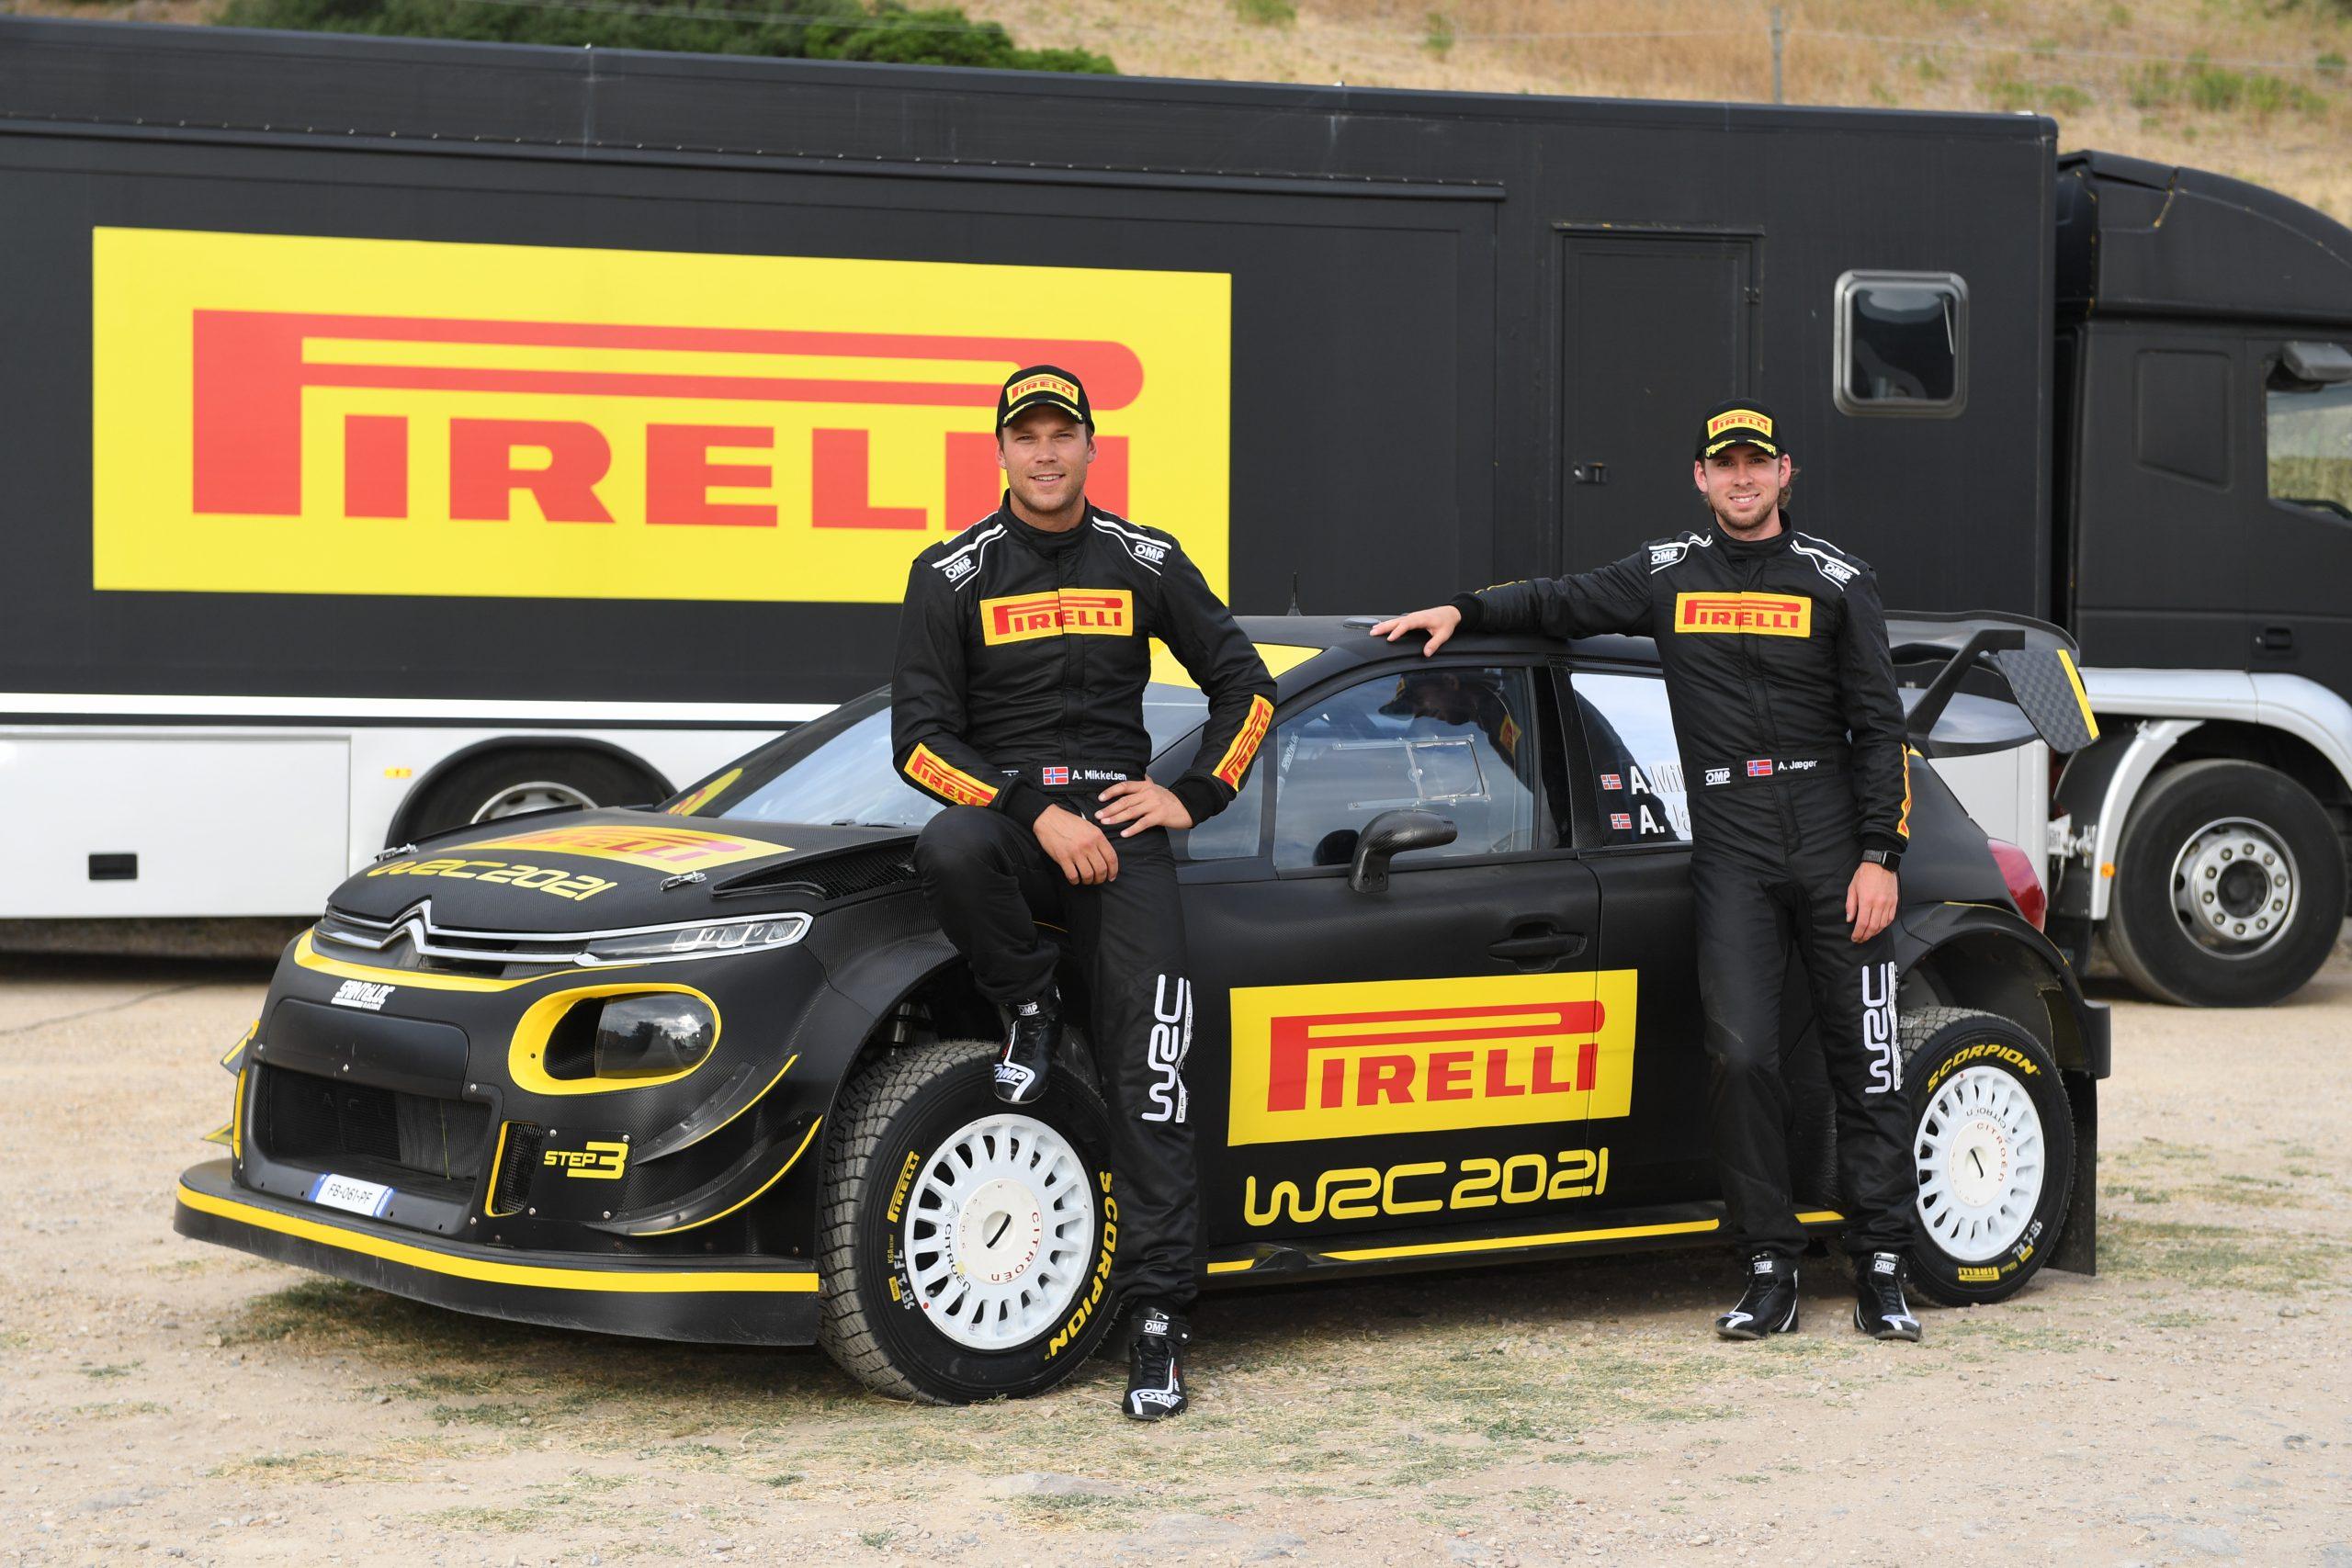 Pirelli inicia o programa de testes com os pneus do WRC 2021 na Sardenha